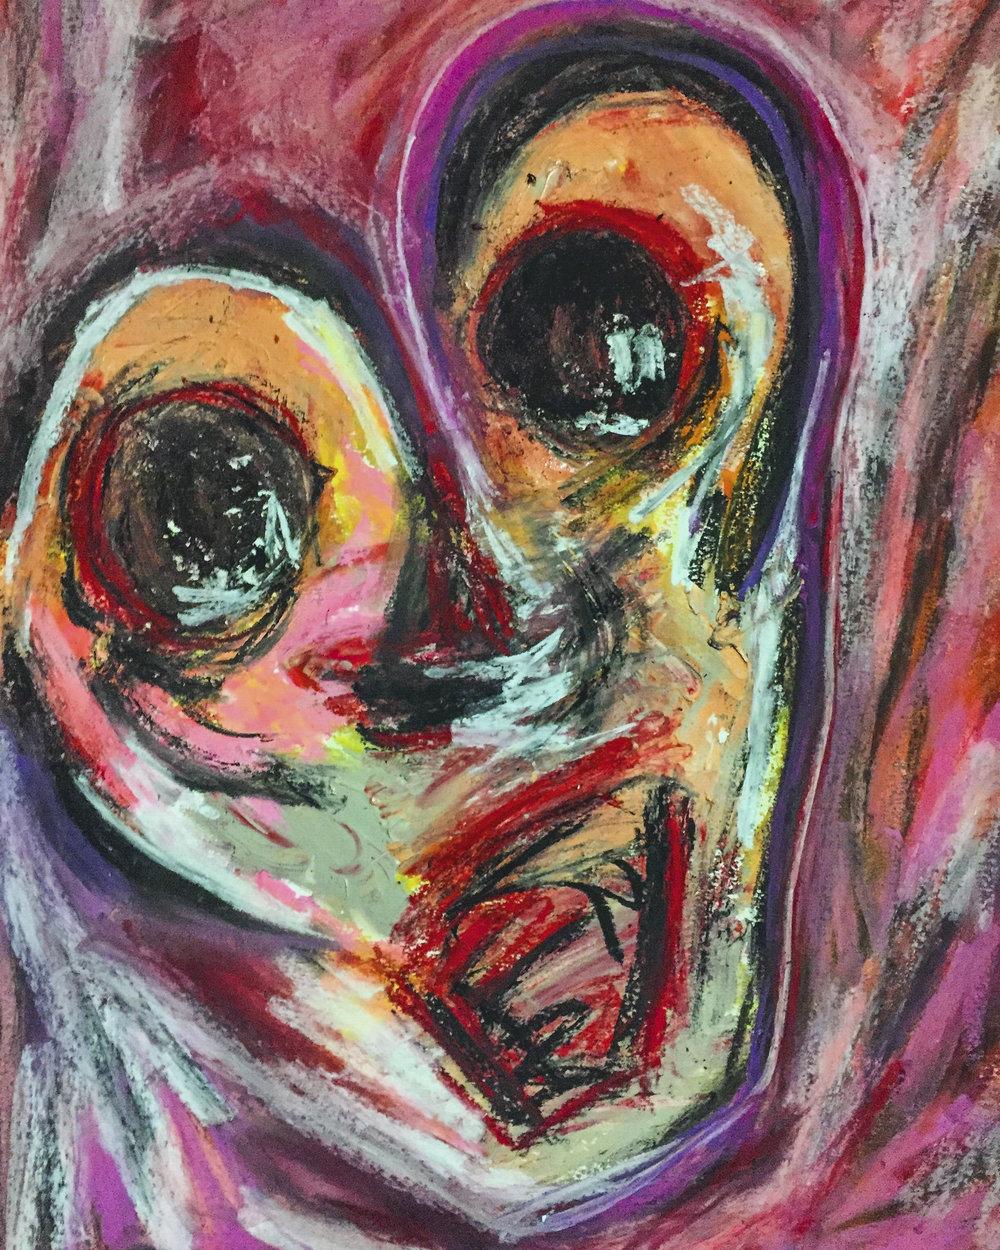 Mind Boggling   18 x 24  Pastel on Paper  2017